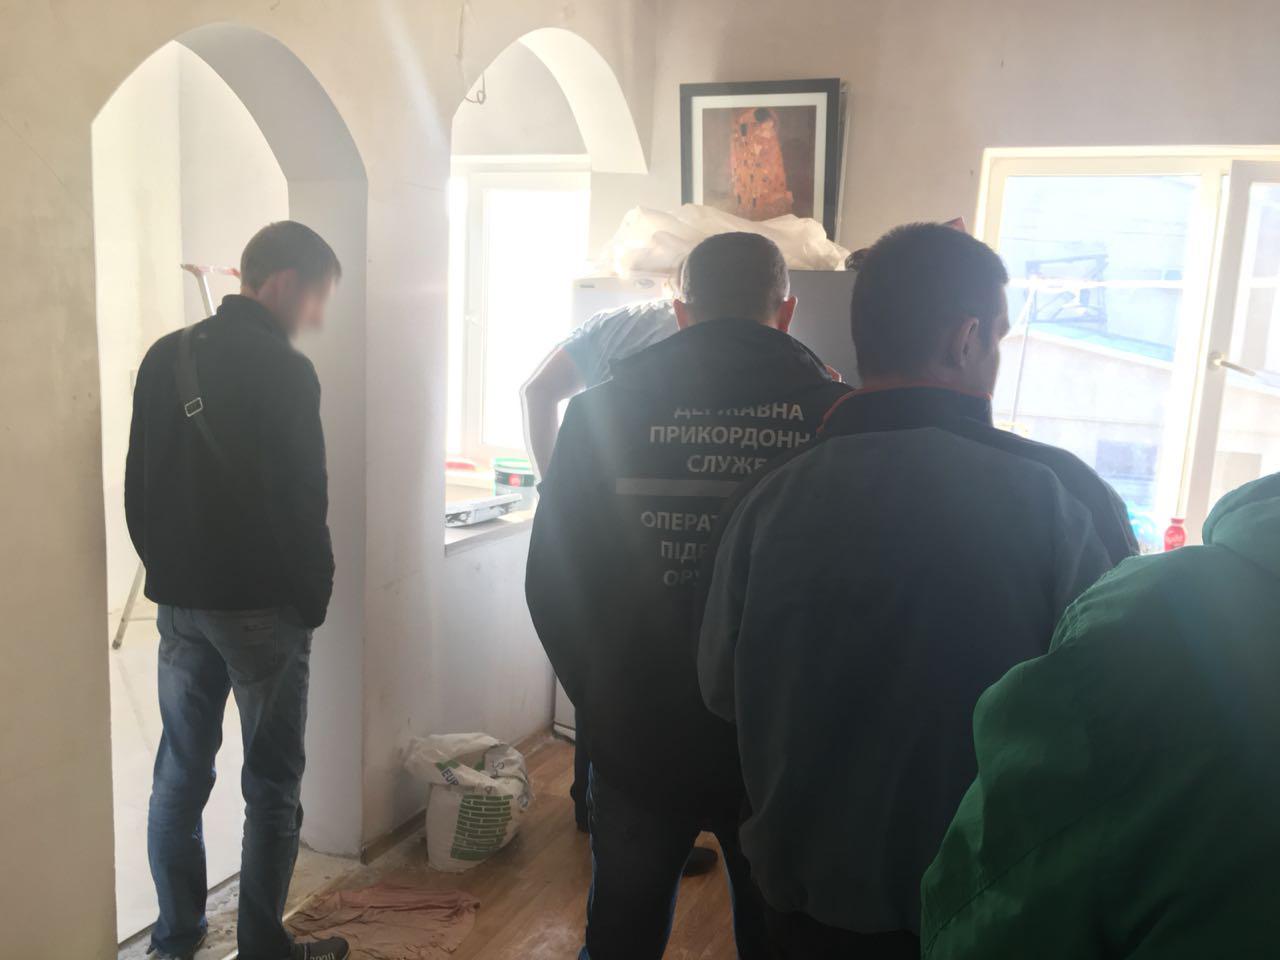 Наркотики, оружие, поддельные министерские печати и штампы обнаружили в Одесской области